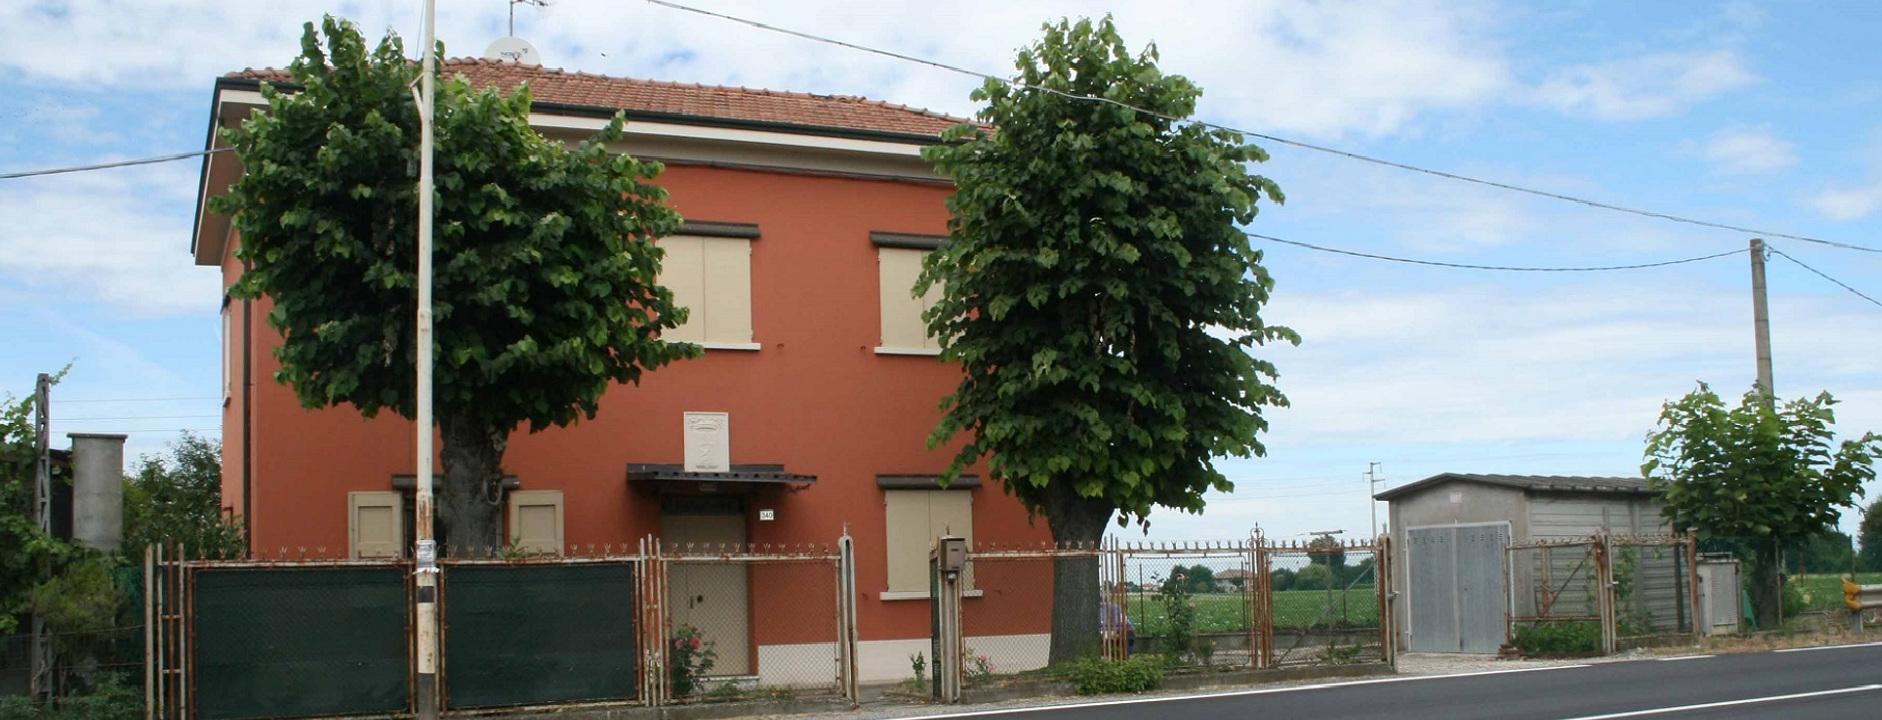 Casa cantoniera - Archivio Città metropolitaba di Bologna